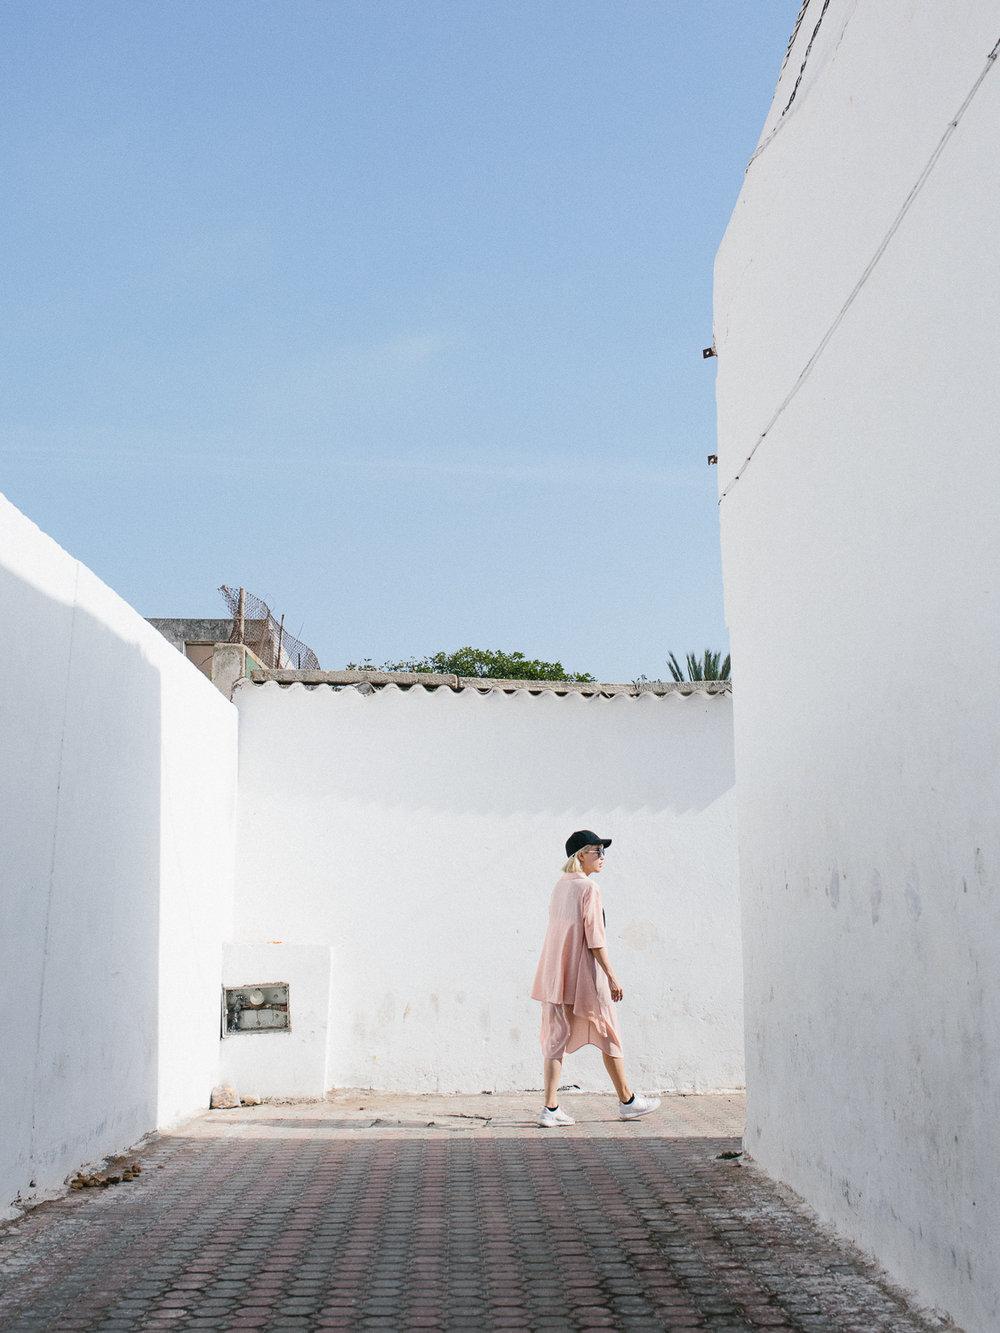 Matkailu-Marokko-valokuvaus-3.jpg